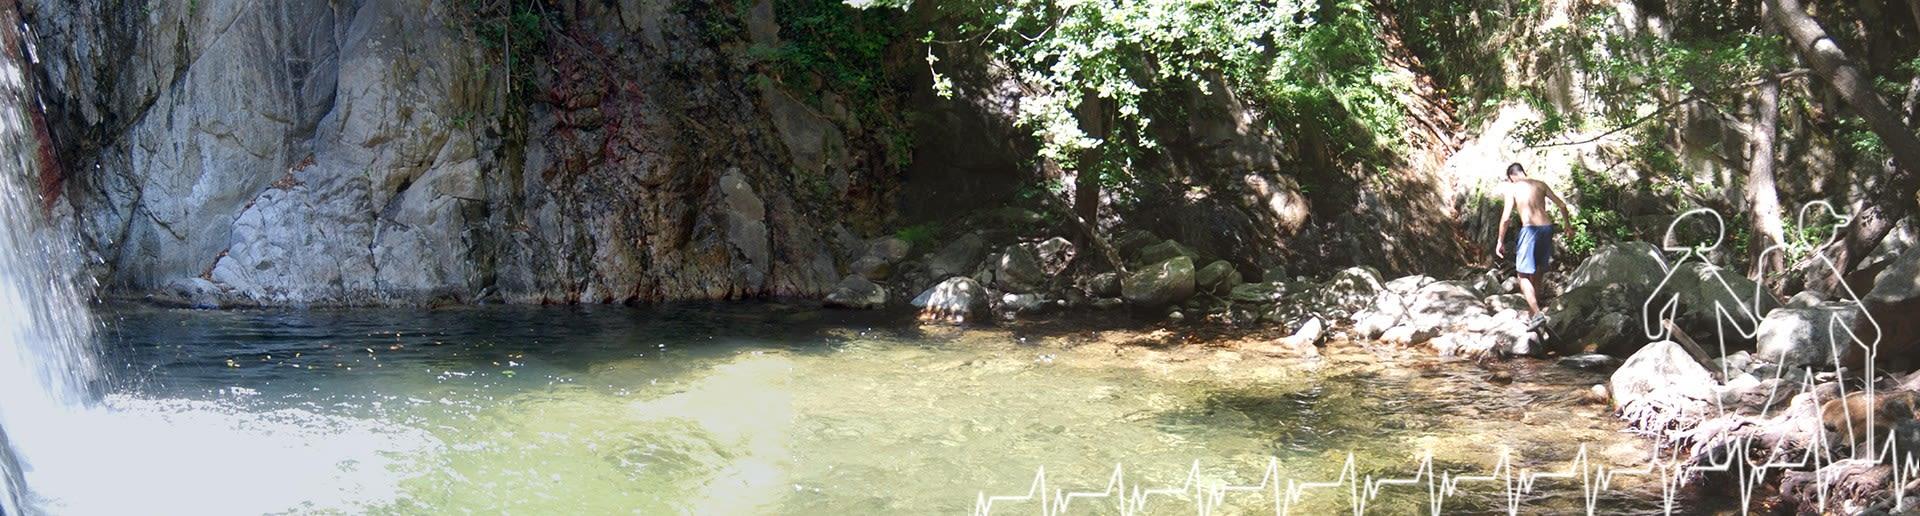 Marmarico (Bivongi); Cascata del Marmarico